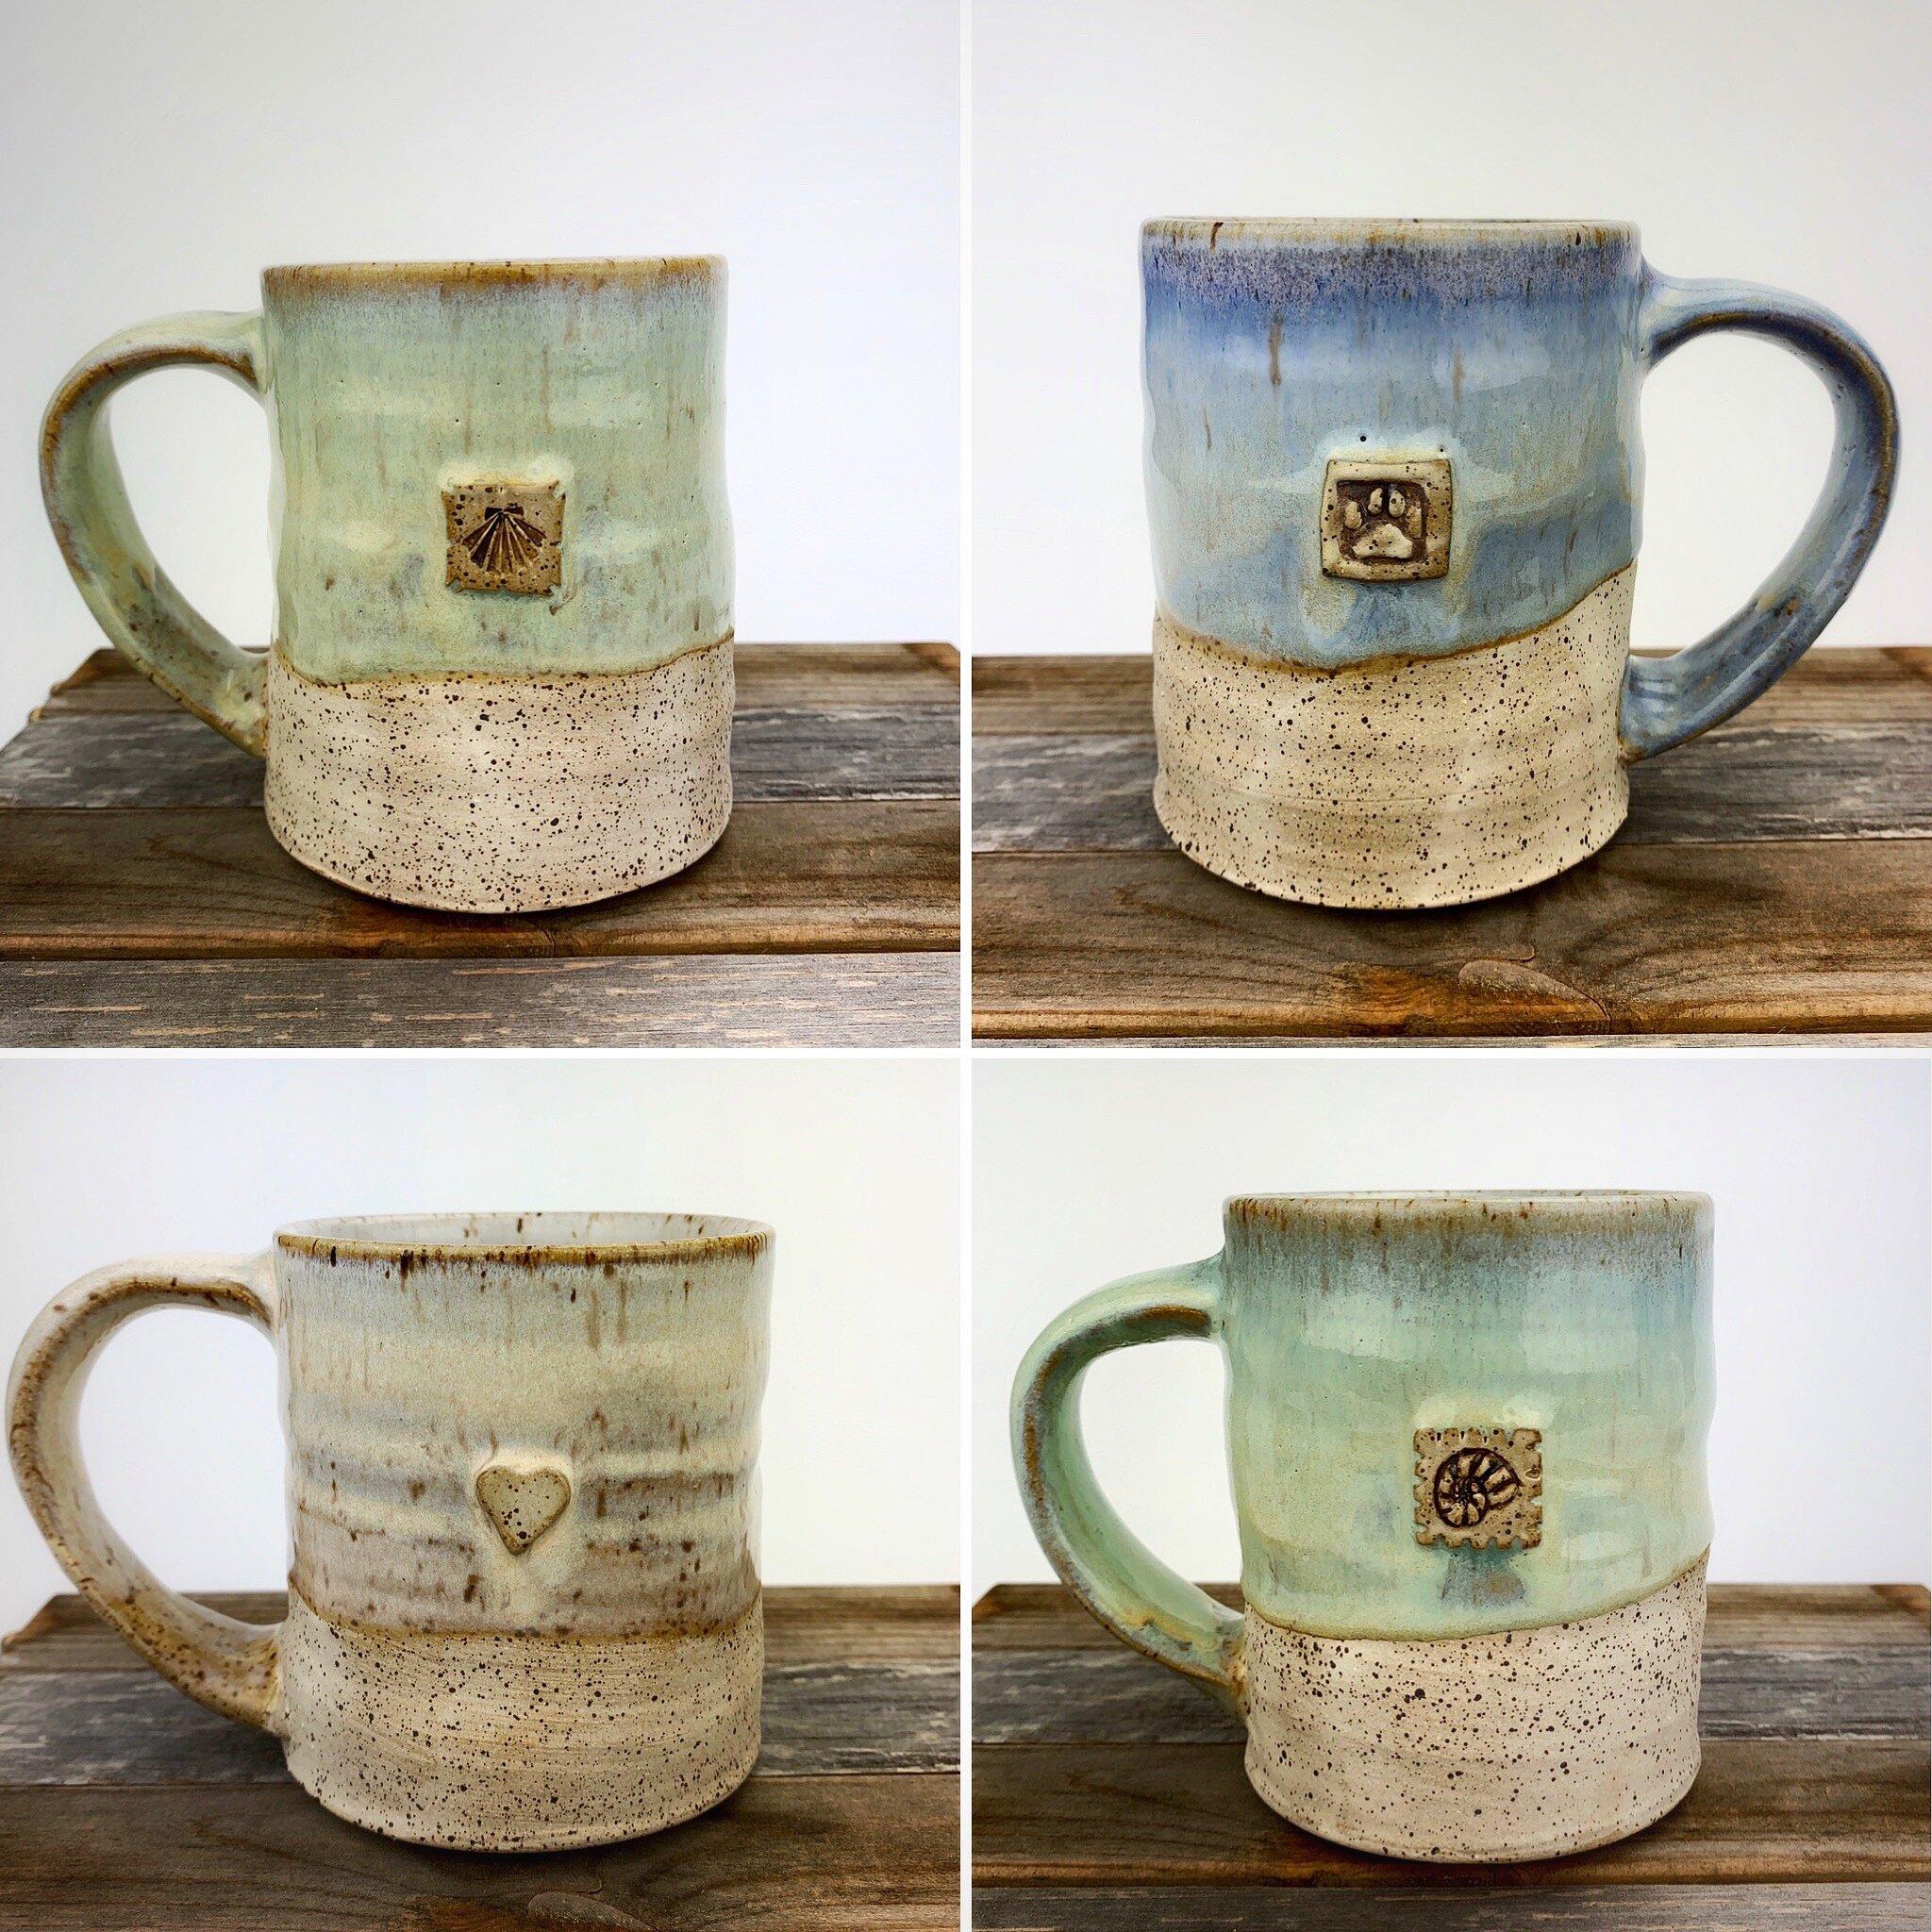 beachy mugs.JPG